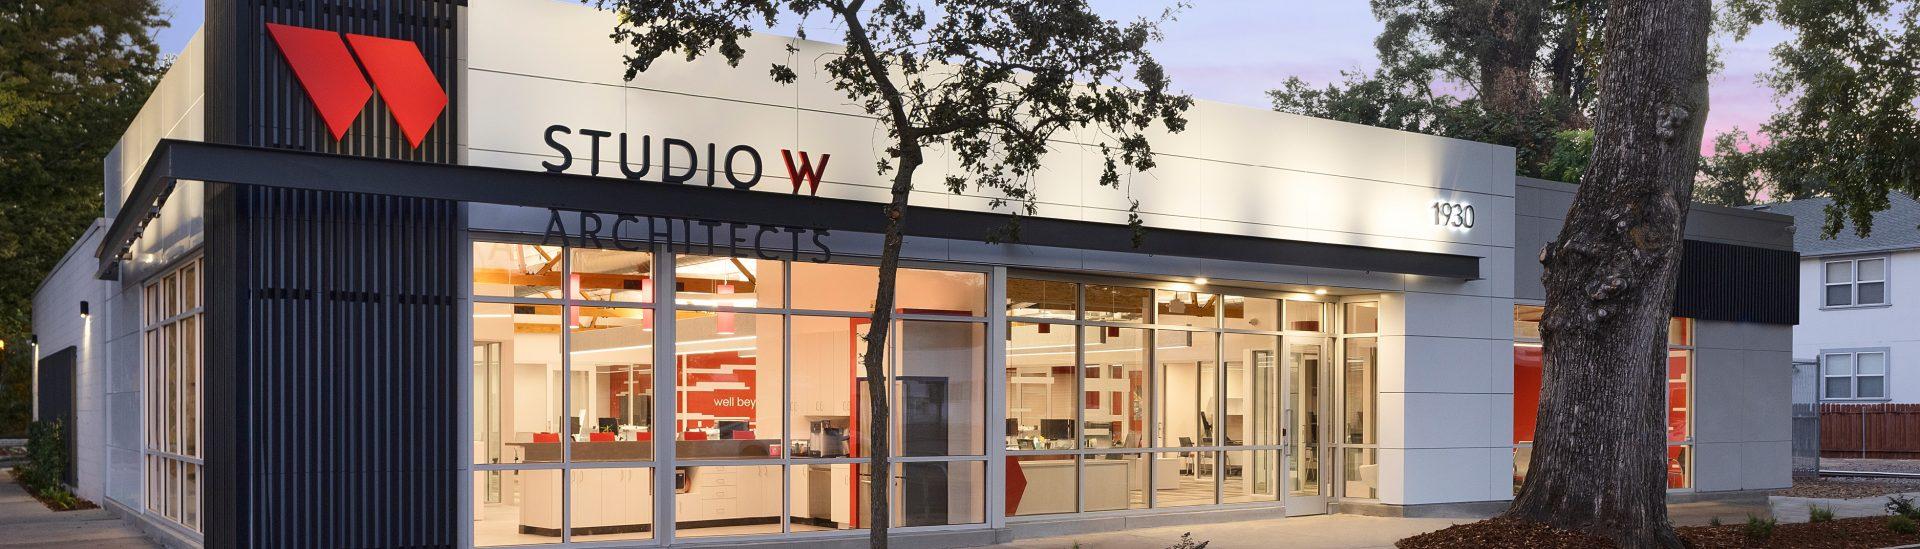 Studio W Architects' Sacramento Office Relocates to Midtown